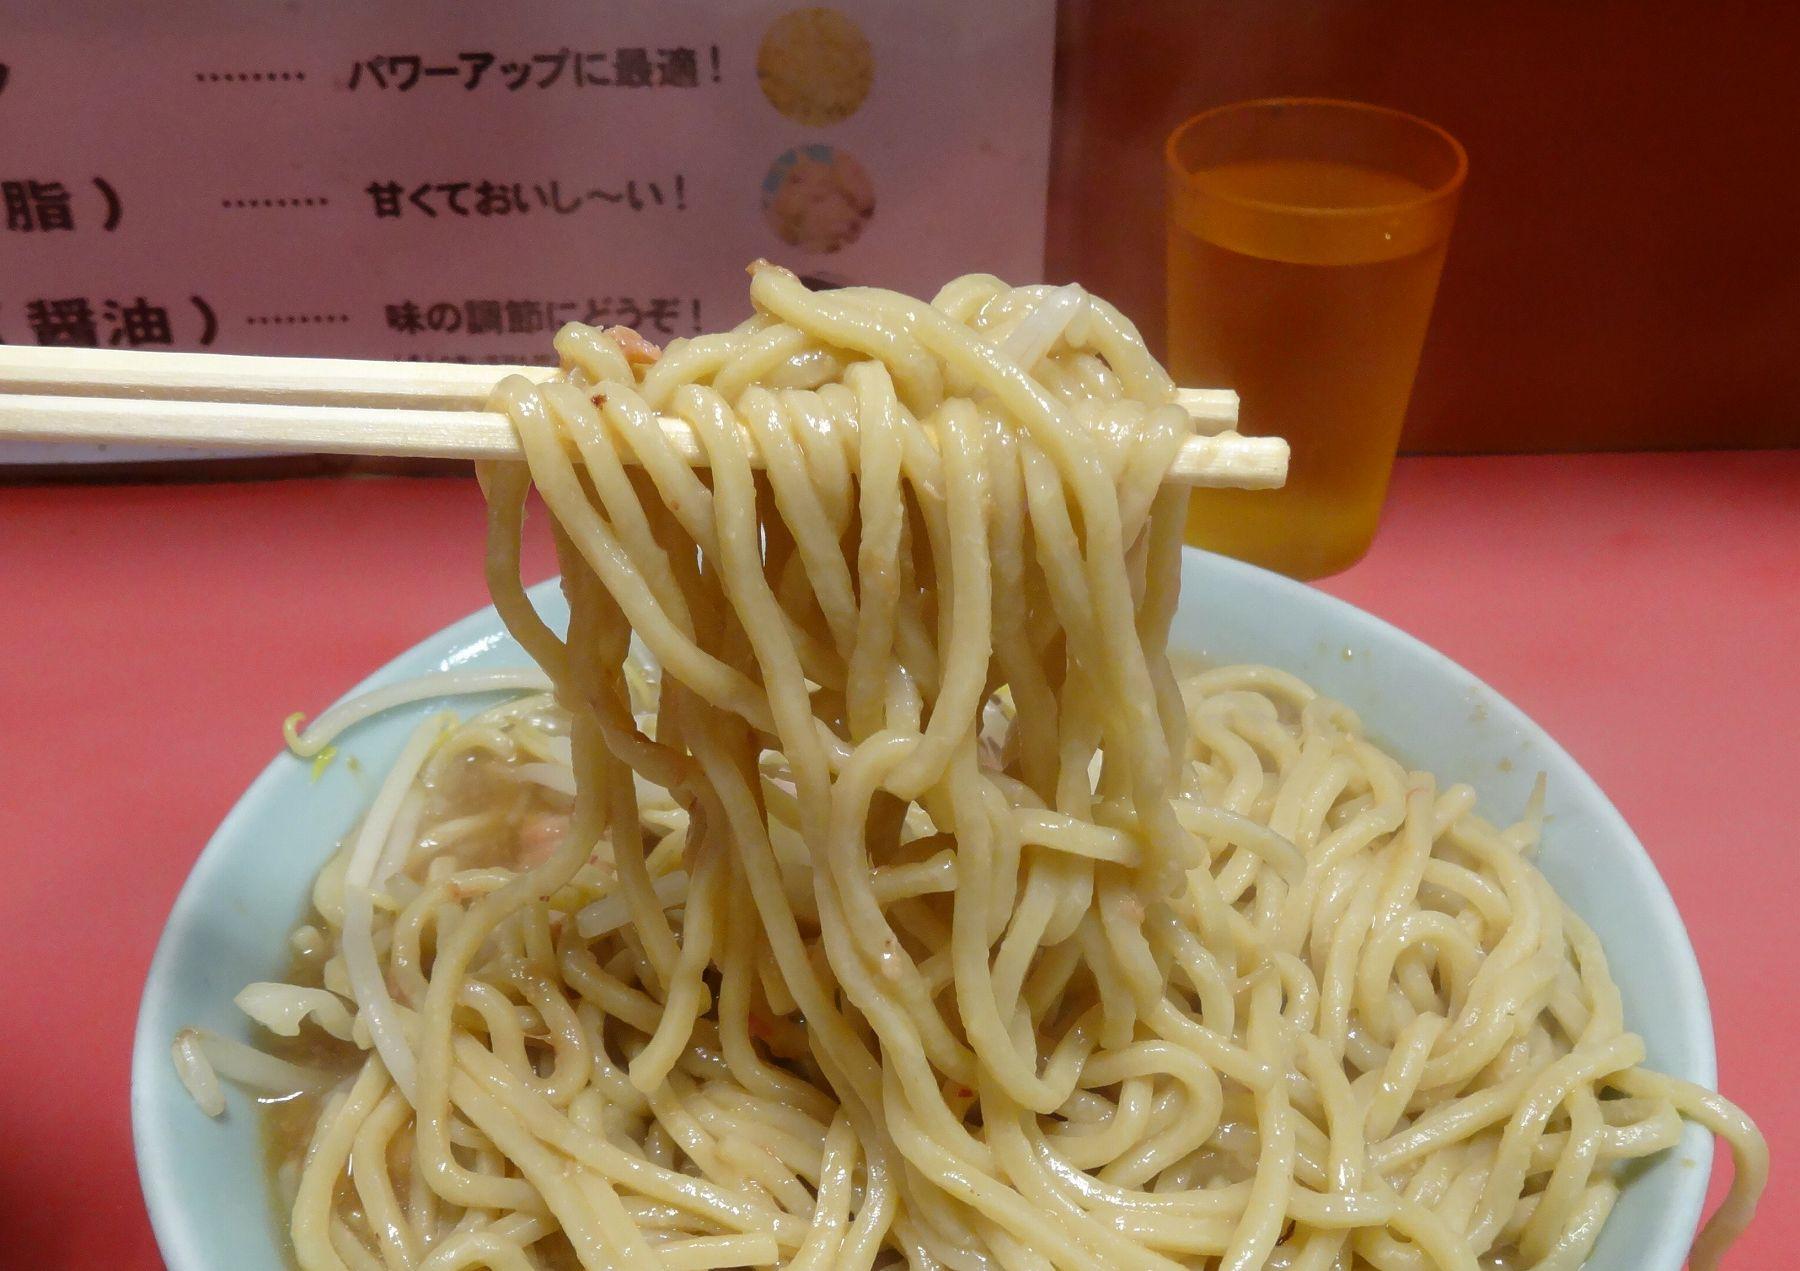 20120927003kabuki.jpg